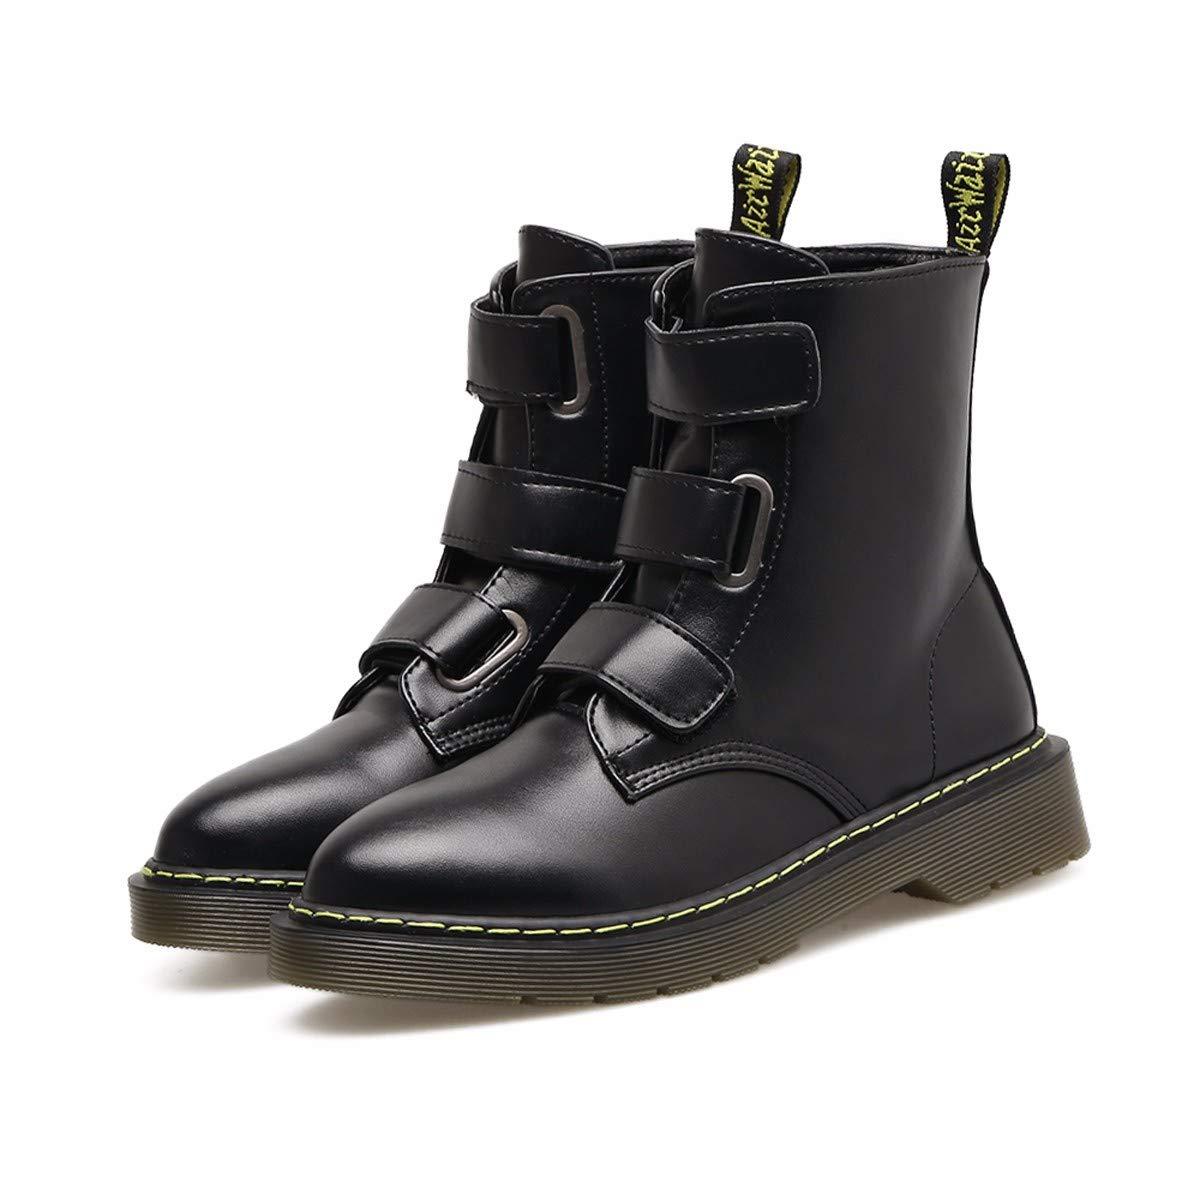 LBTSQ-Mode/Damenschuhe/Chelsea Stiefel Absatz 3 cm Hoch Flachen Boden Kurze Stiefel Flache Sohle Spitze Ärmel Slim Dünne Beine Martin Stiefel Schuhe